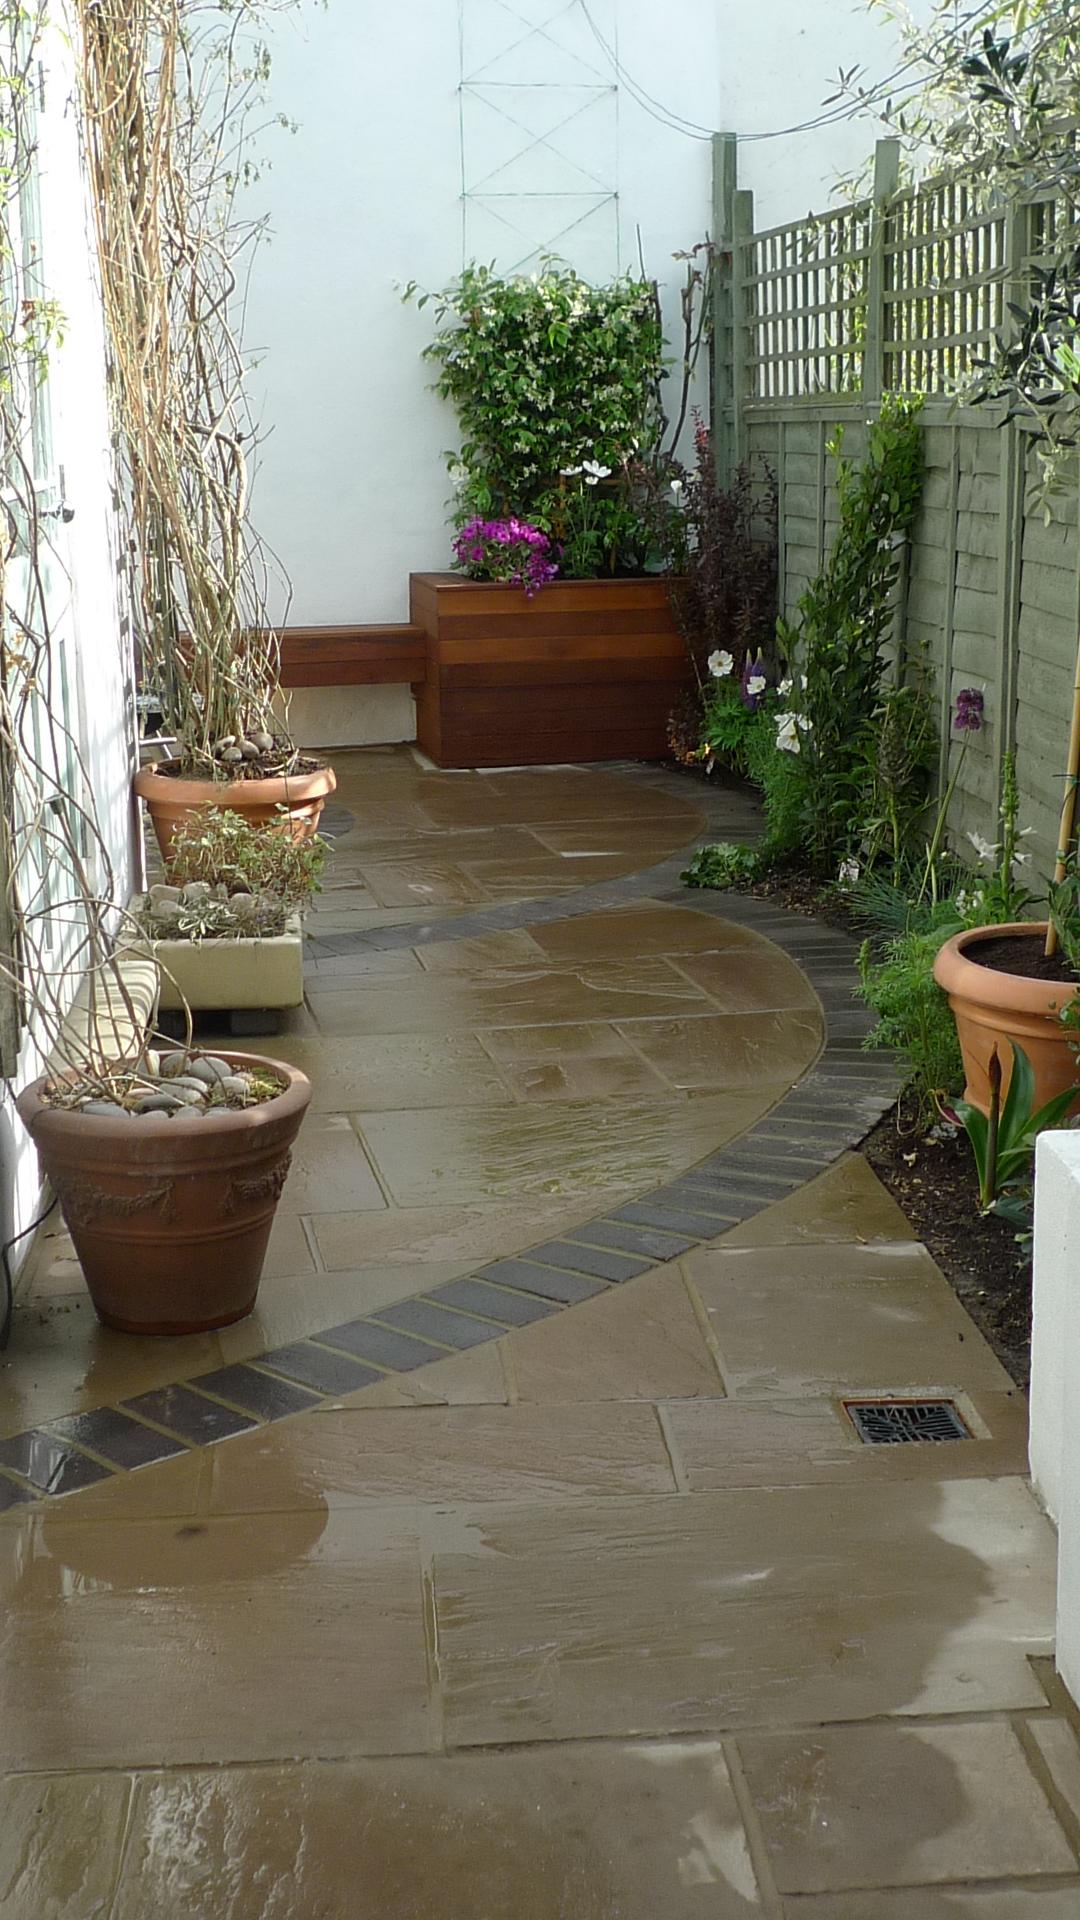 modern london garden deisgn anewgarden  (18)